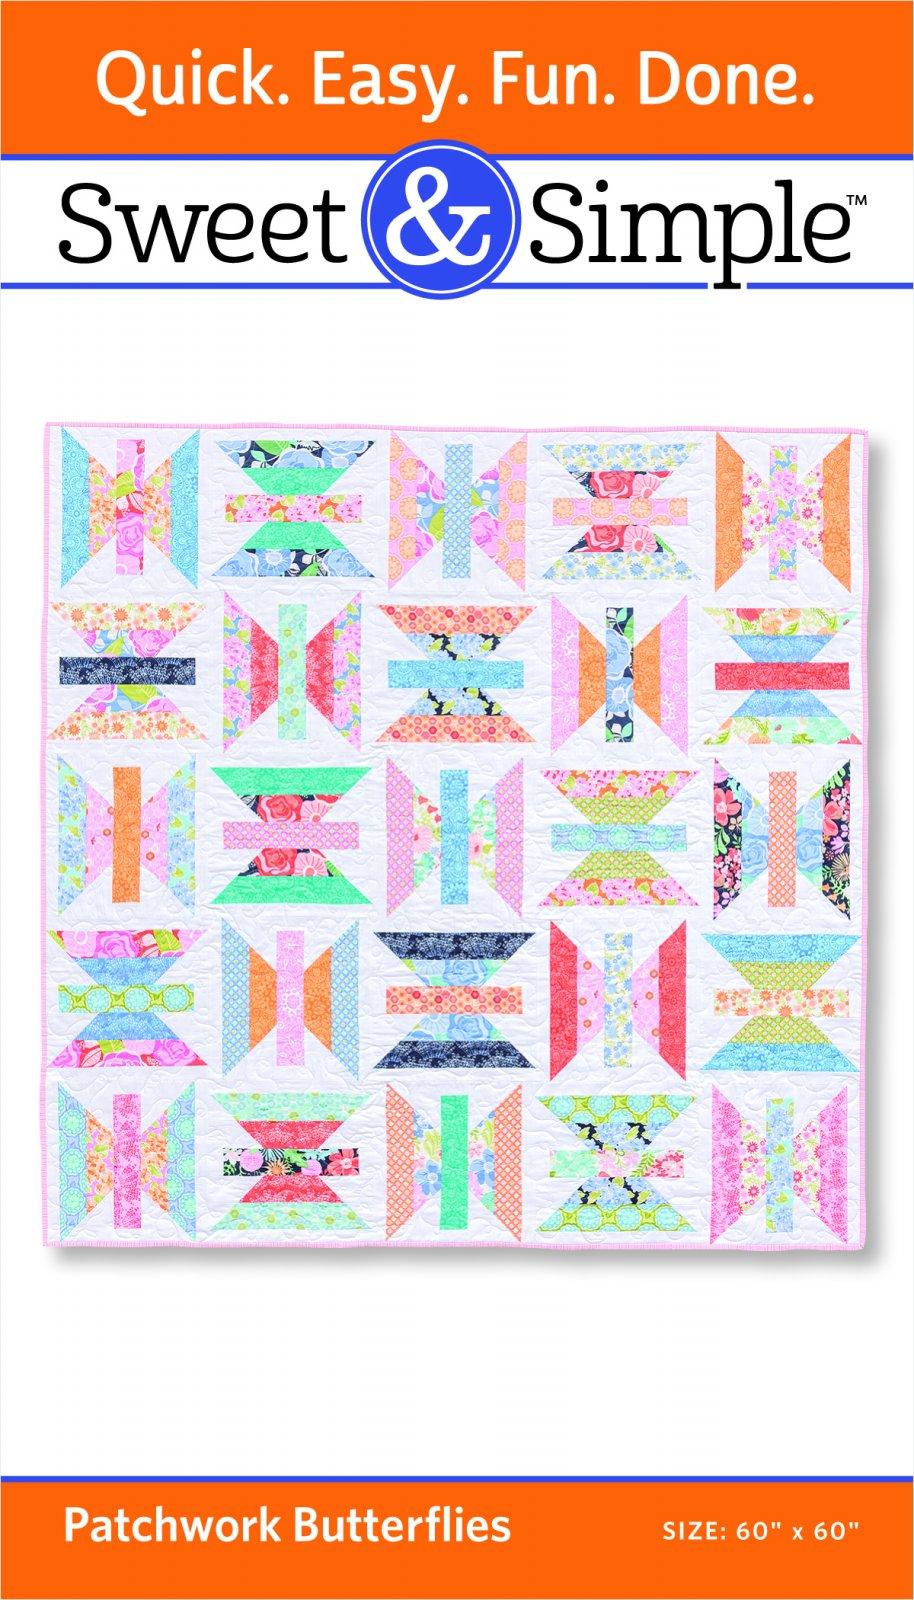 Patchwork Butterflies